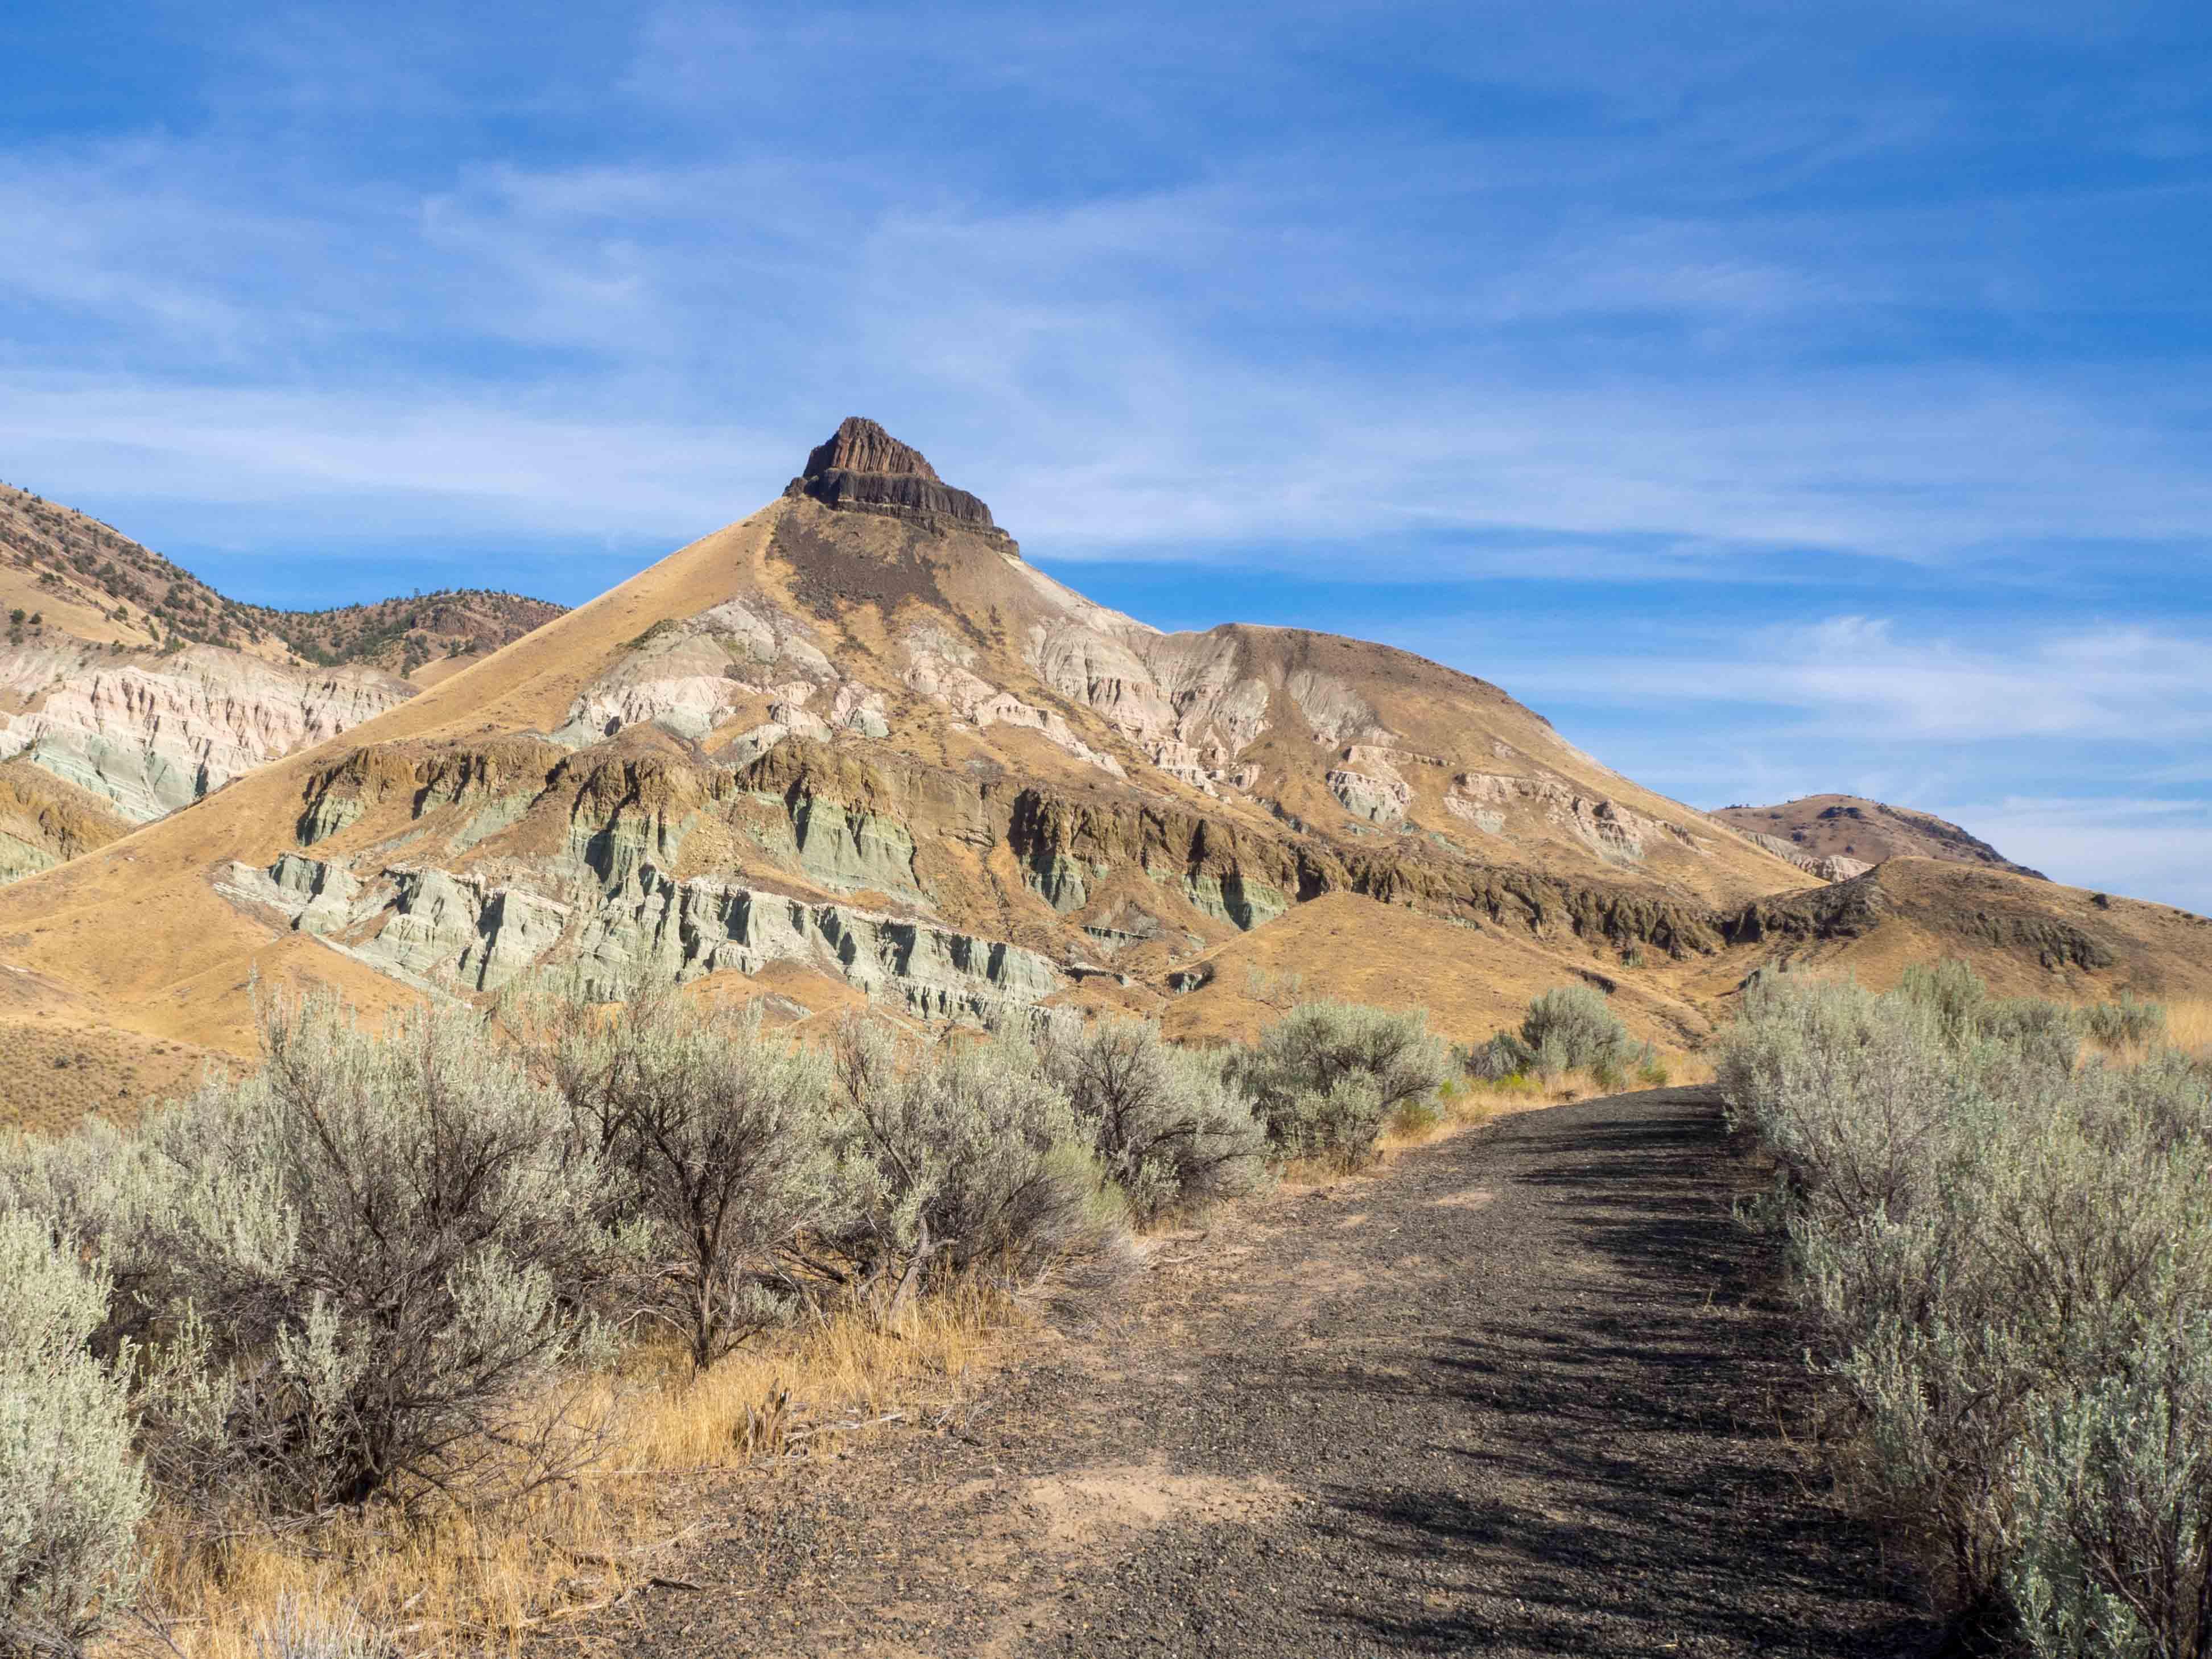 Un Jour de Neige - Carnet d'Amérique - Sheep Rock en Oregon